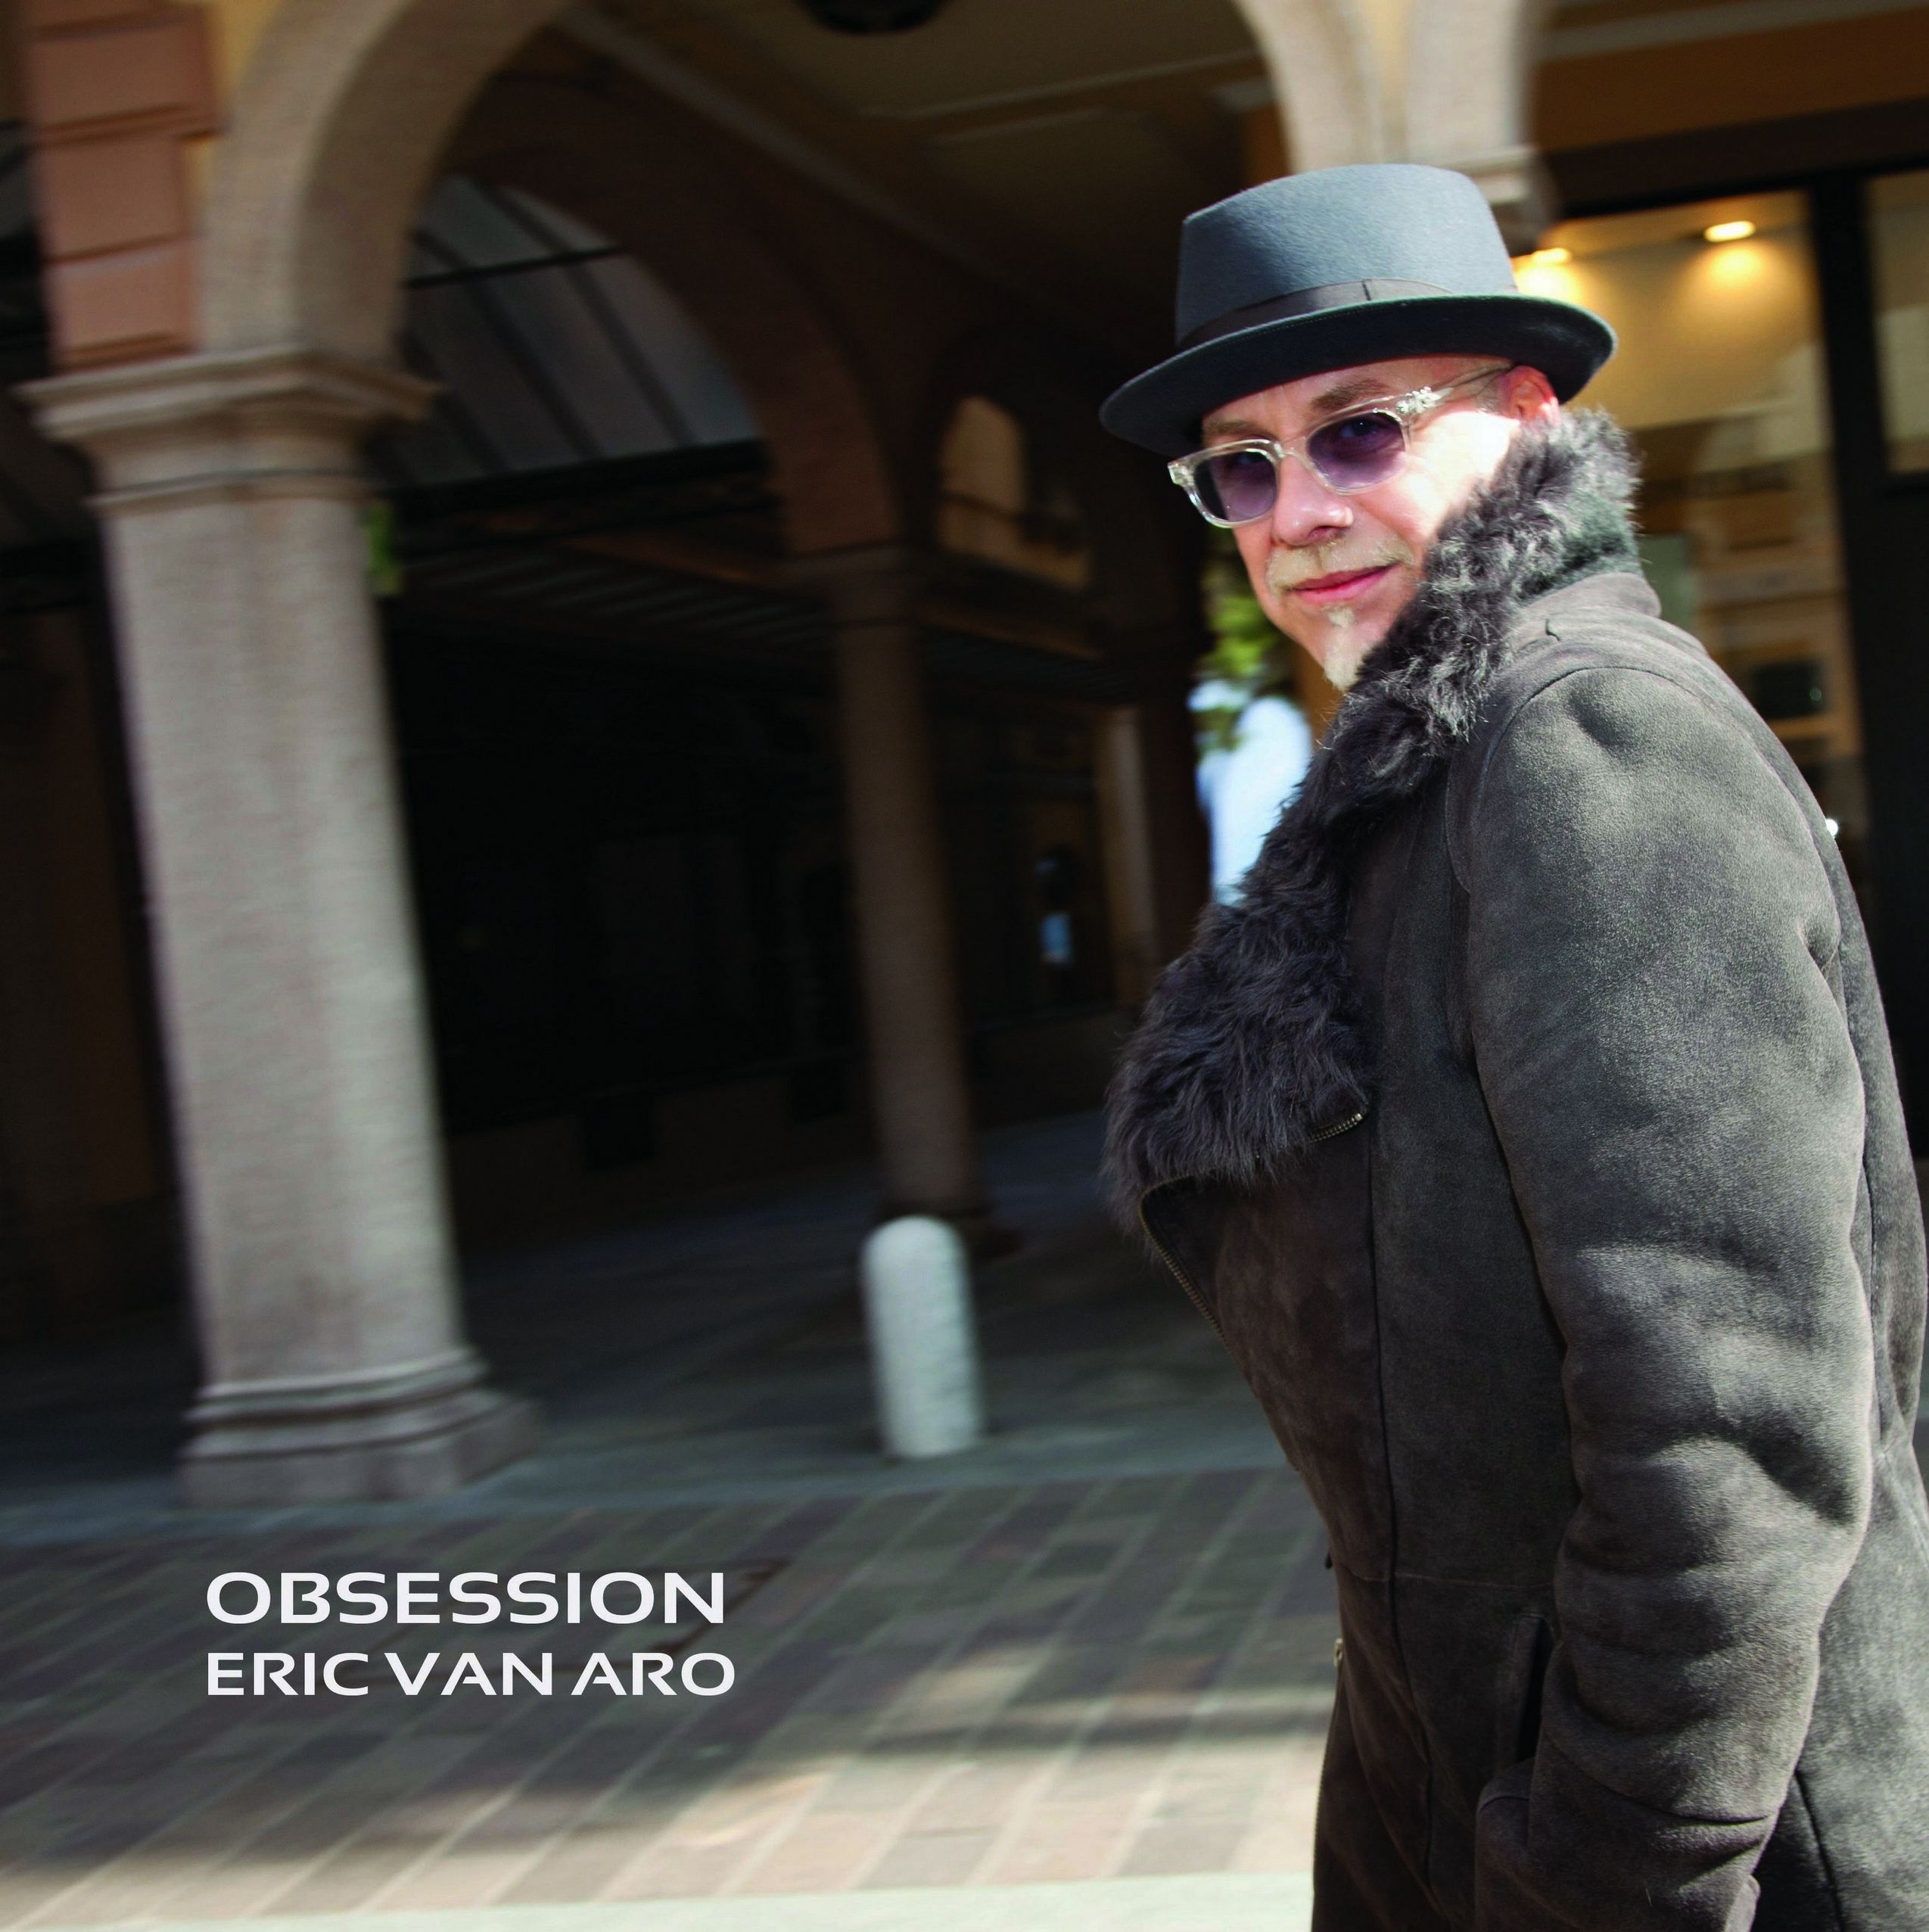 Eric van Aro